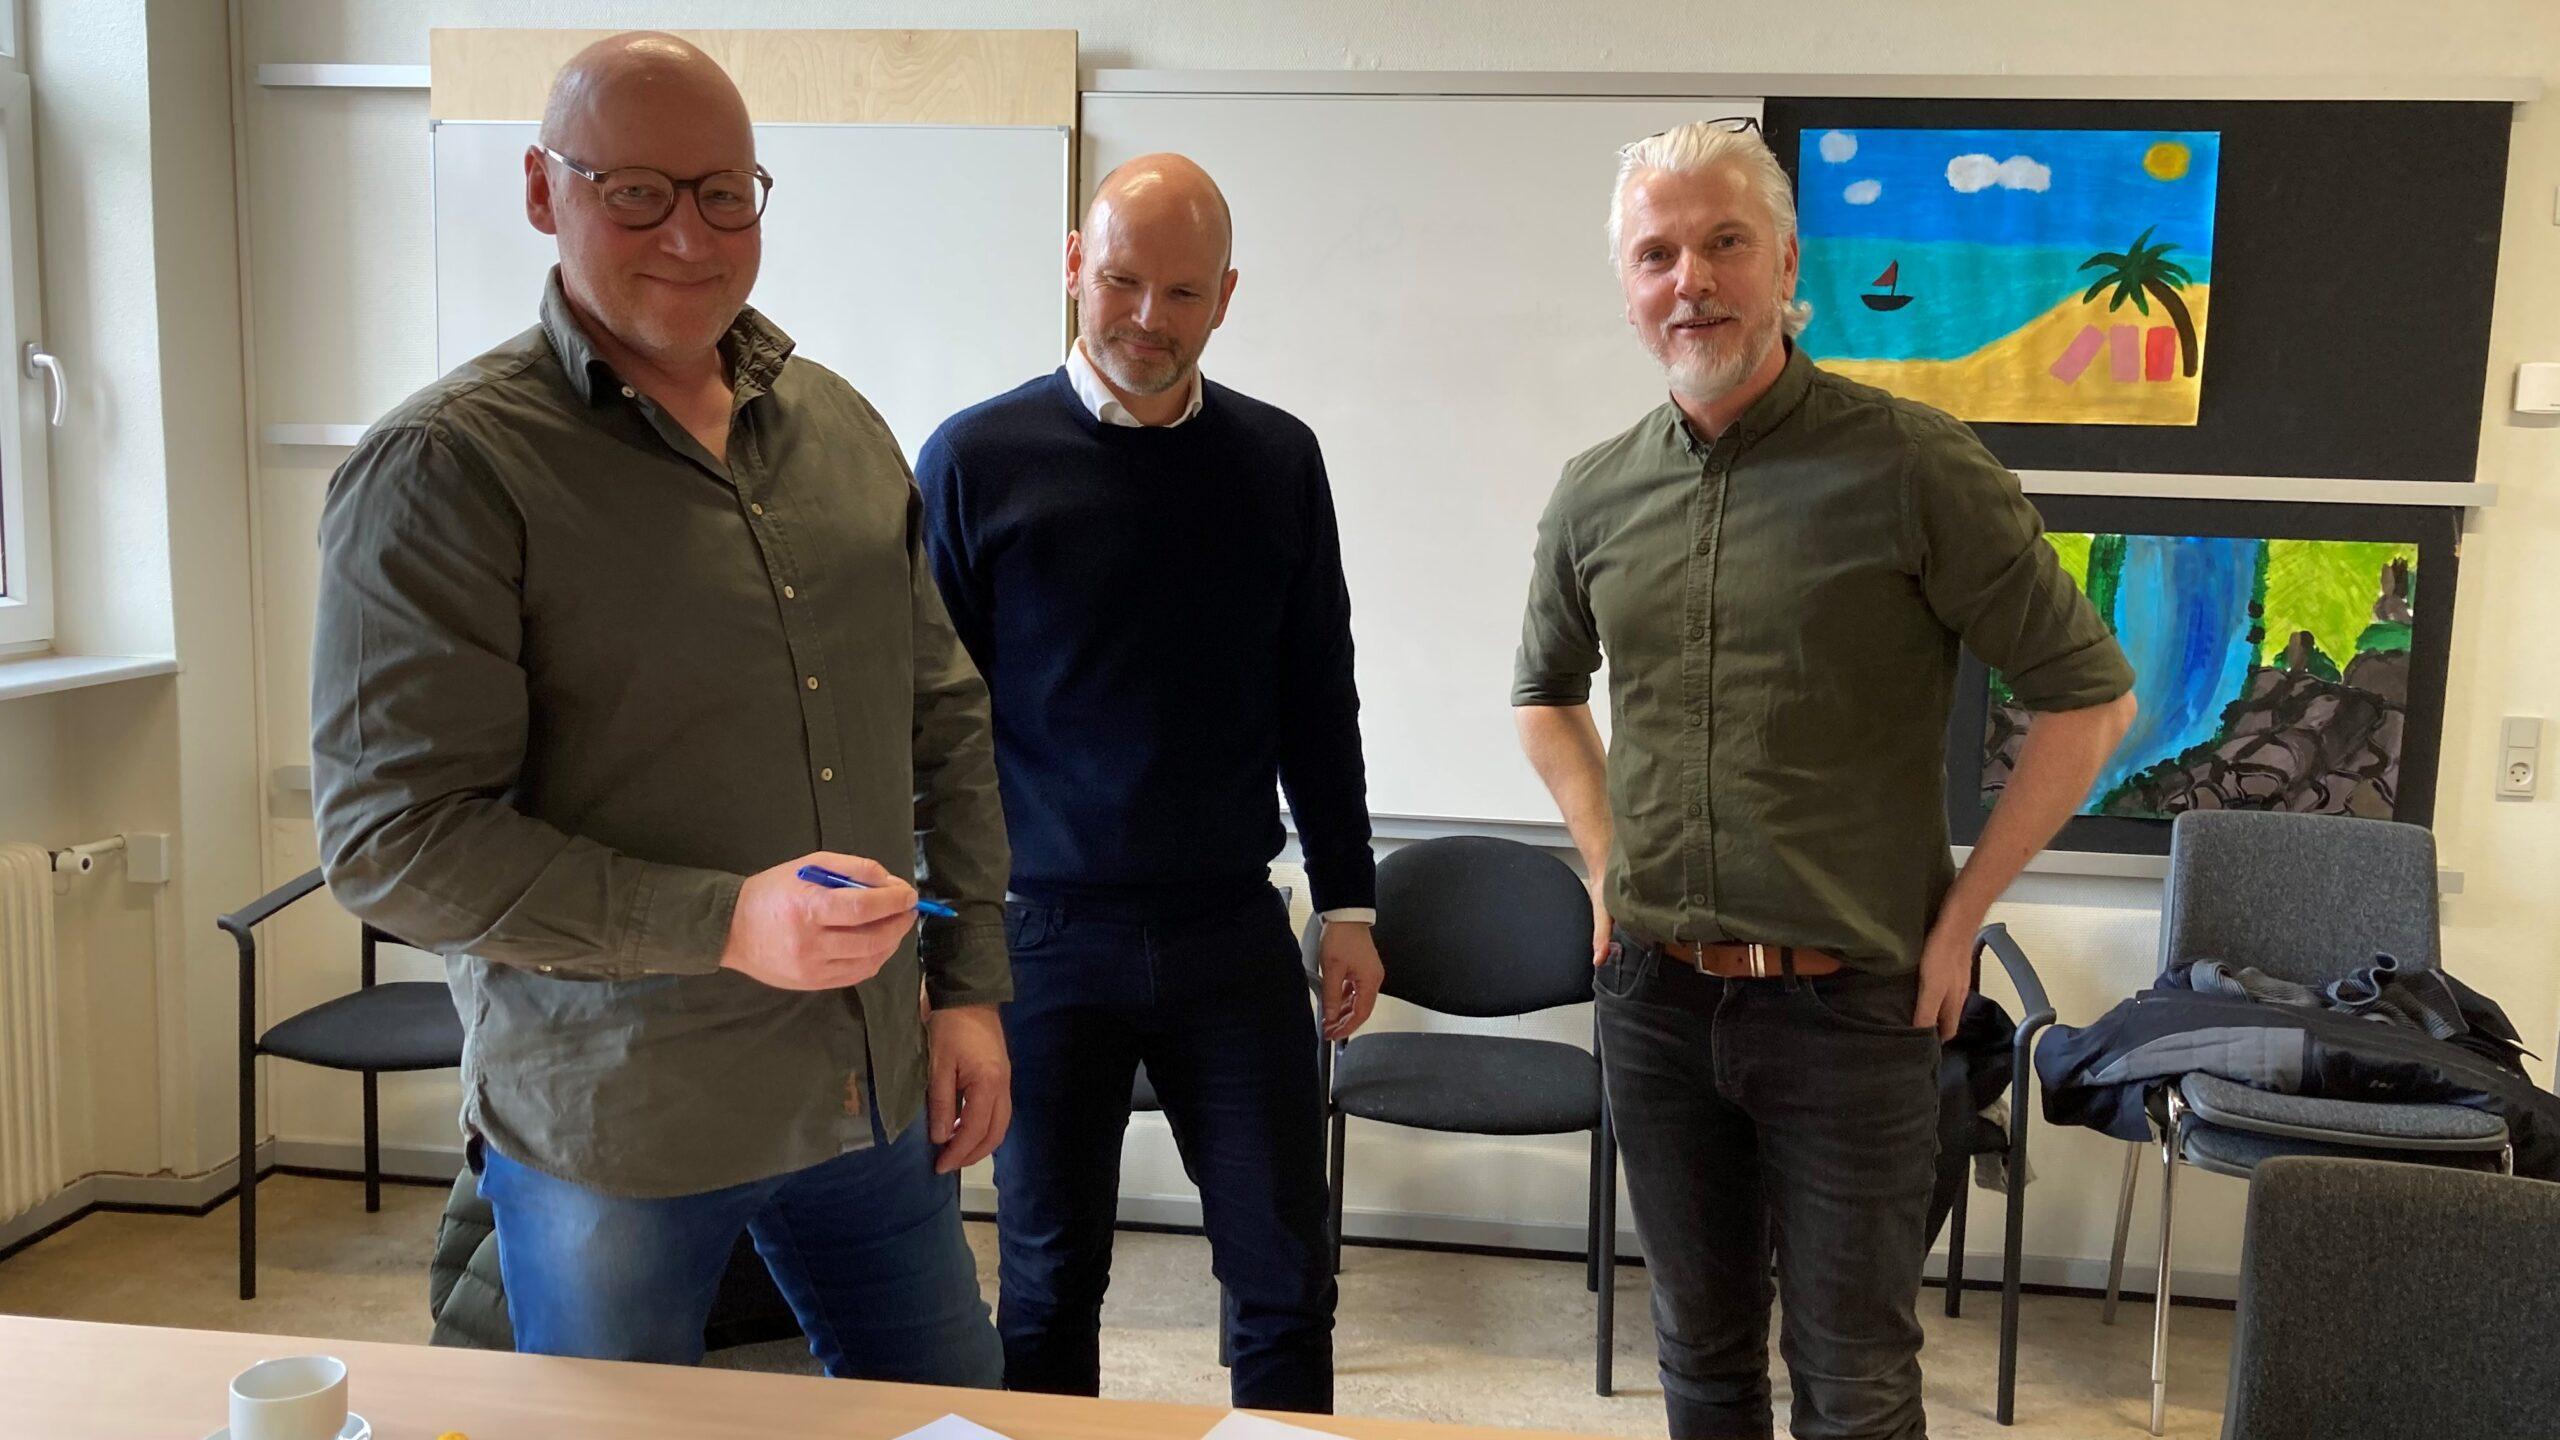 C2IT Group samarbejder med Mølleskolen i Ry om digitalisering. Aftalen underskrives af Carsten Sixhøi, CEO C2IT Group, og Kristian Toft, skoleleder Mølleskolen.